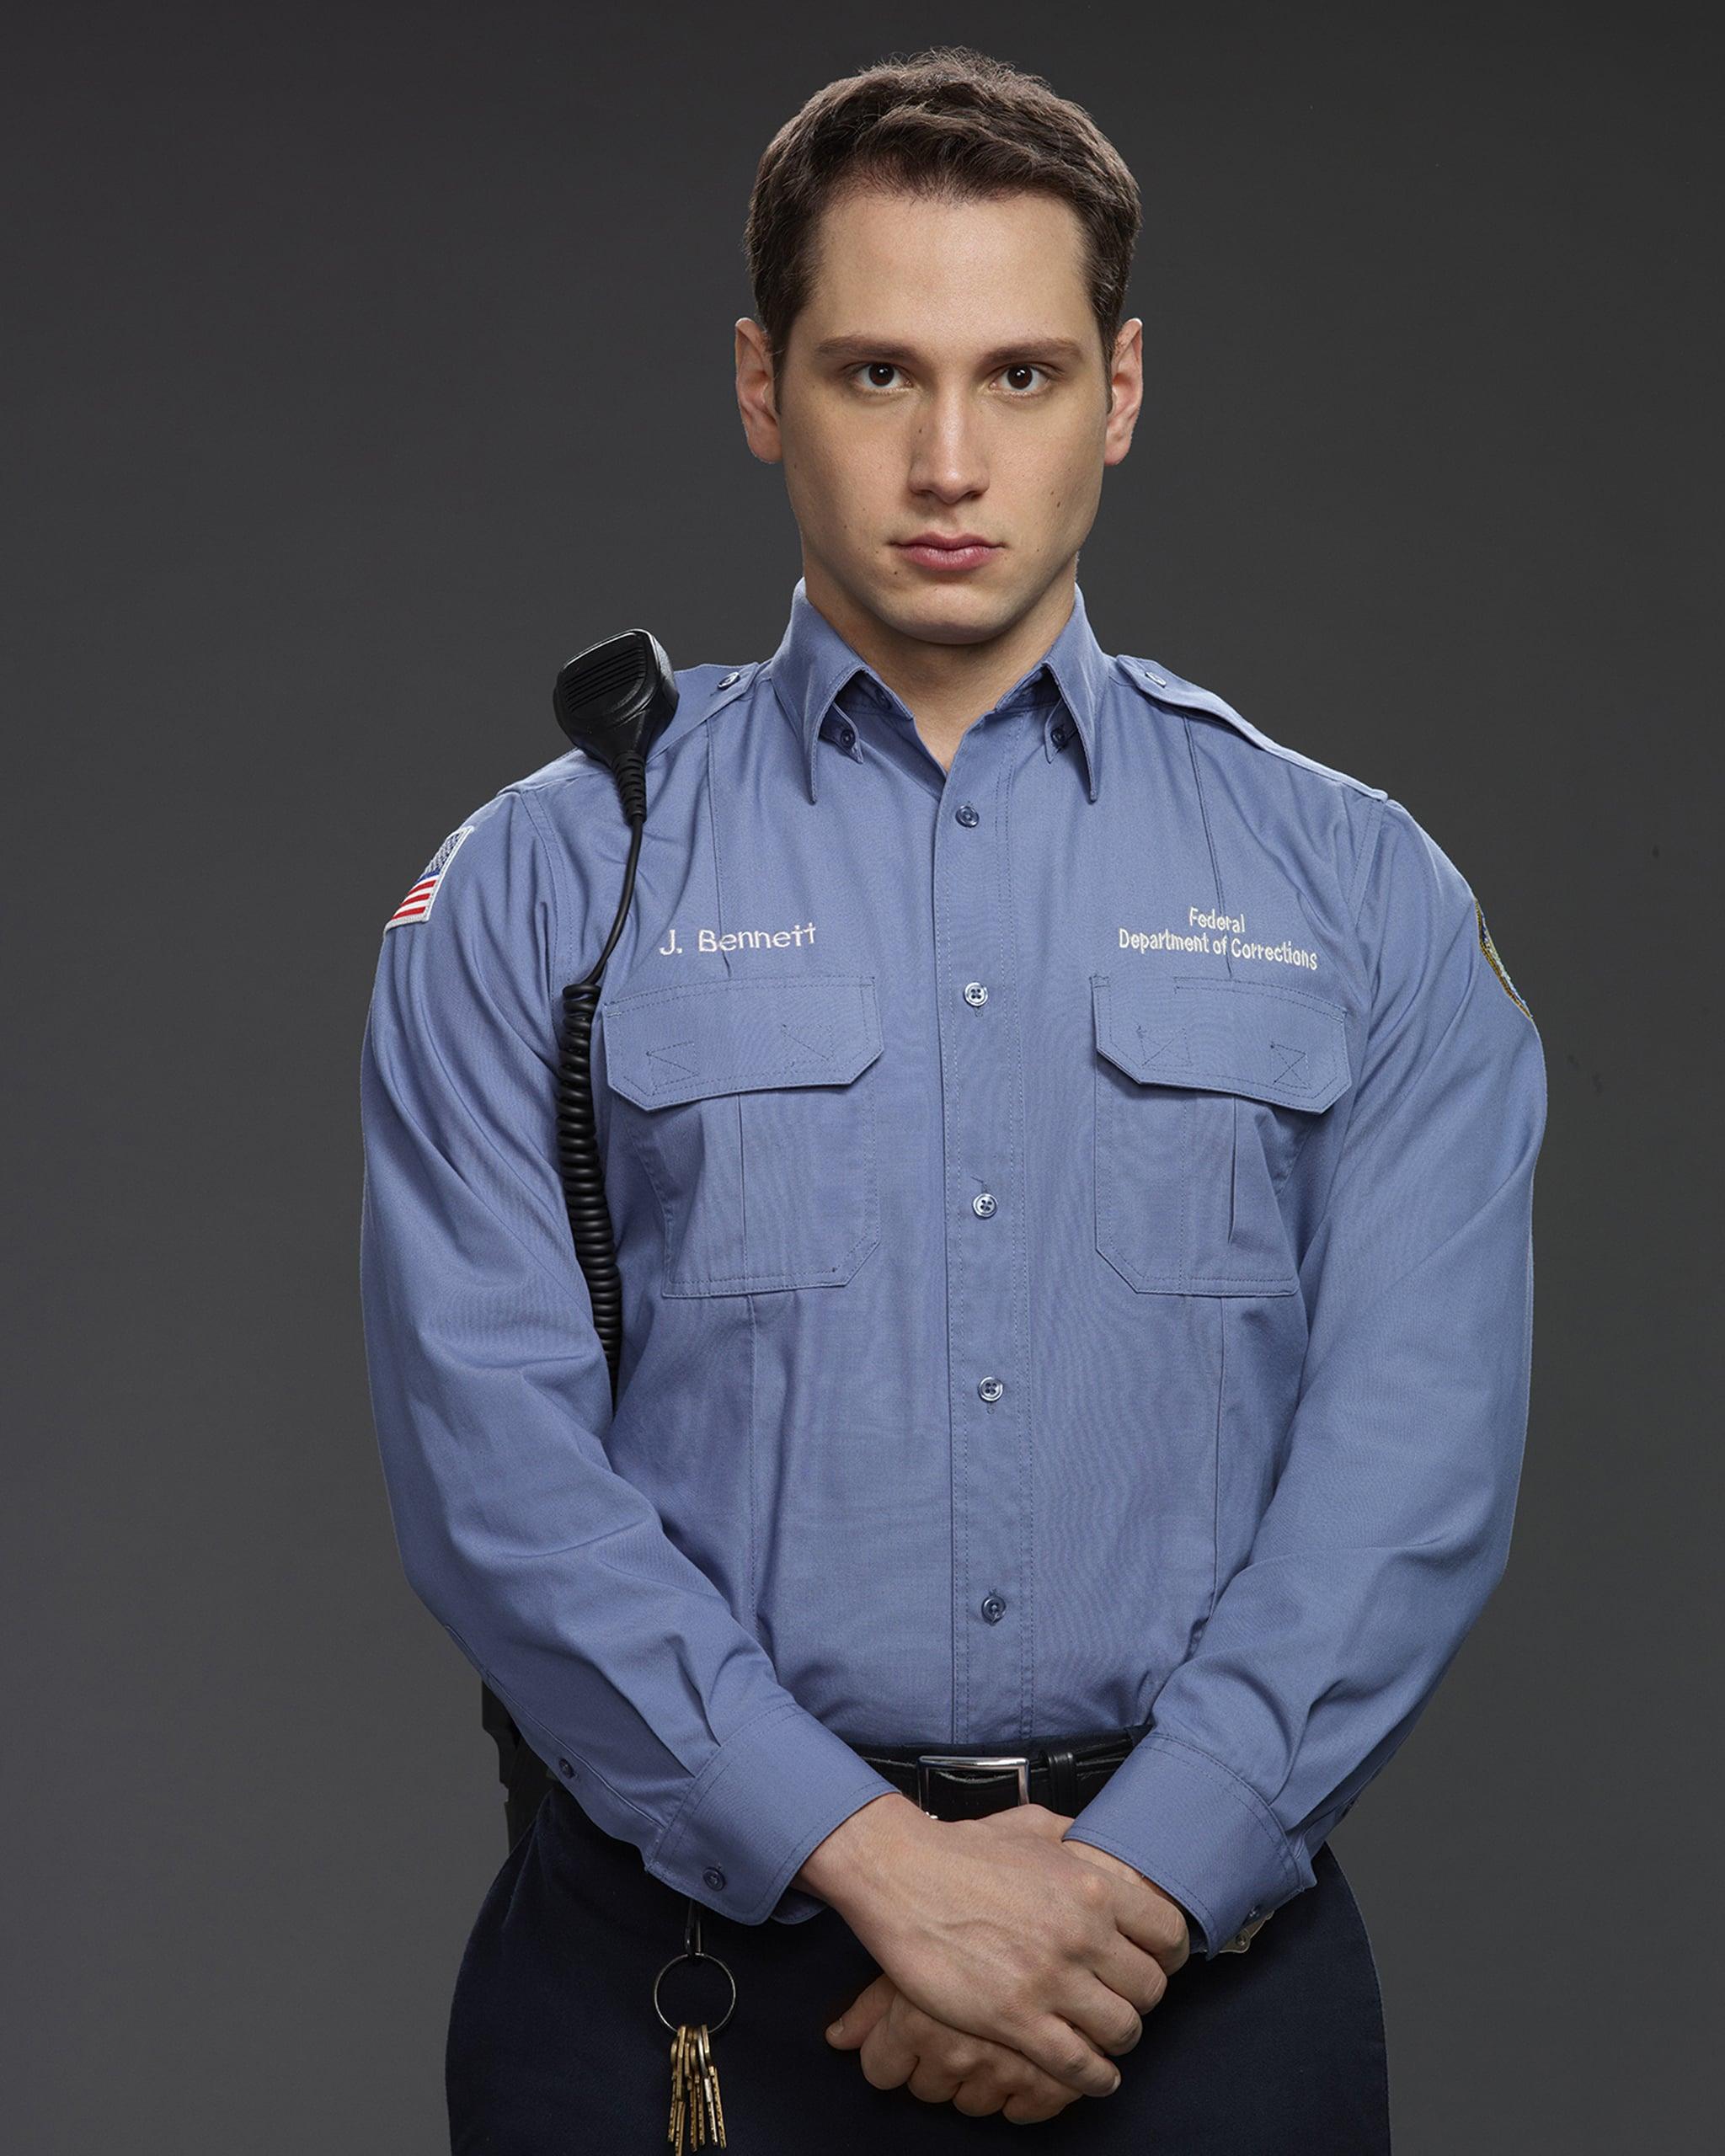 Matt McGorry as John Bennett